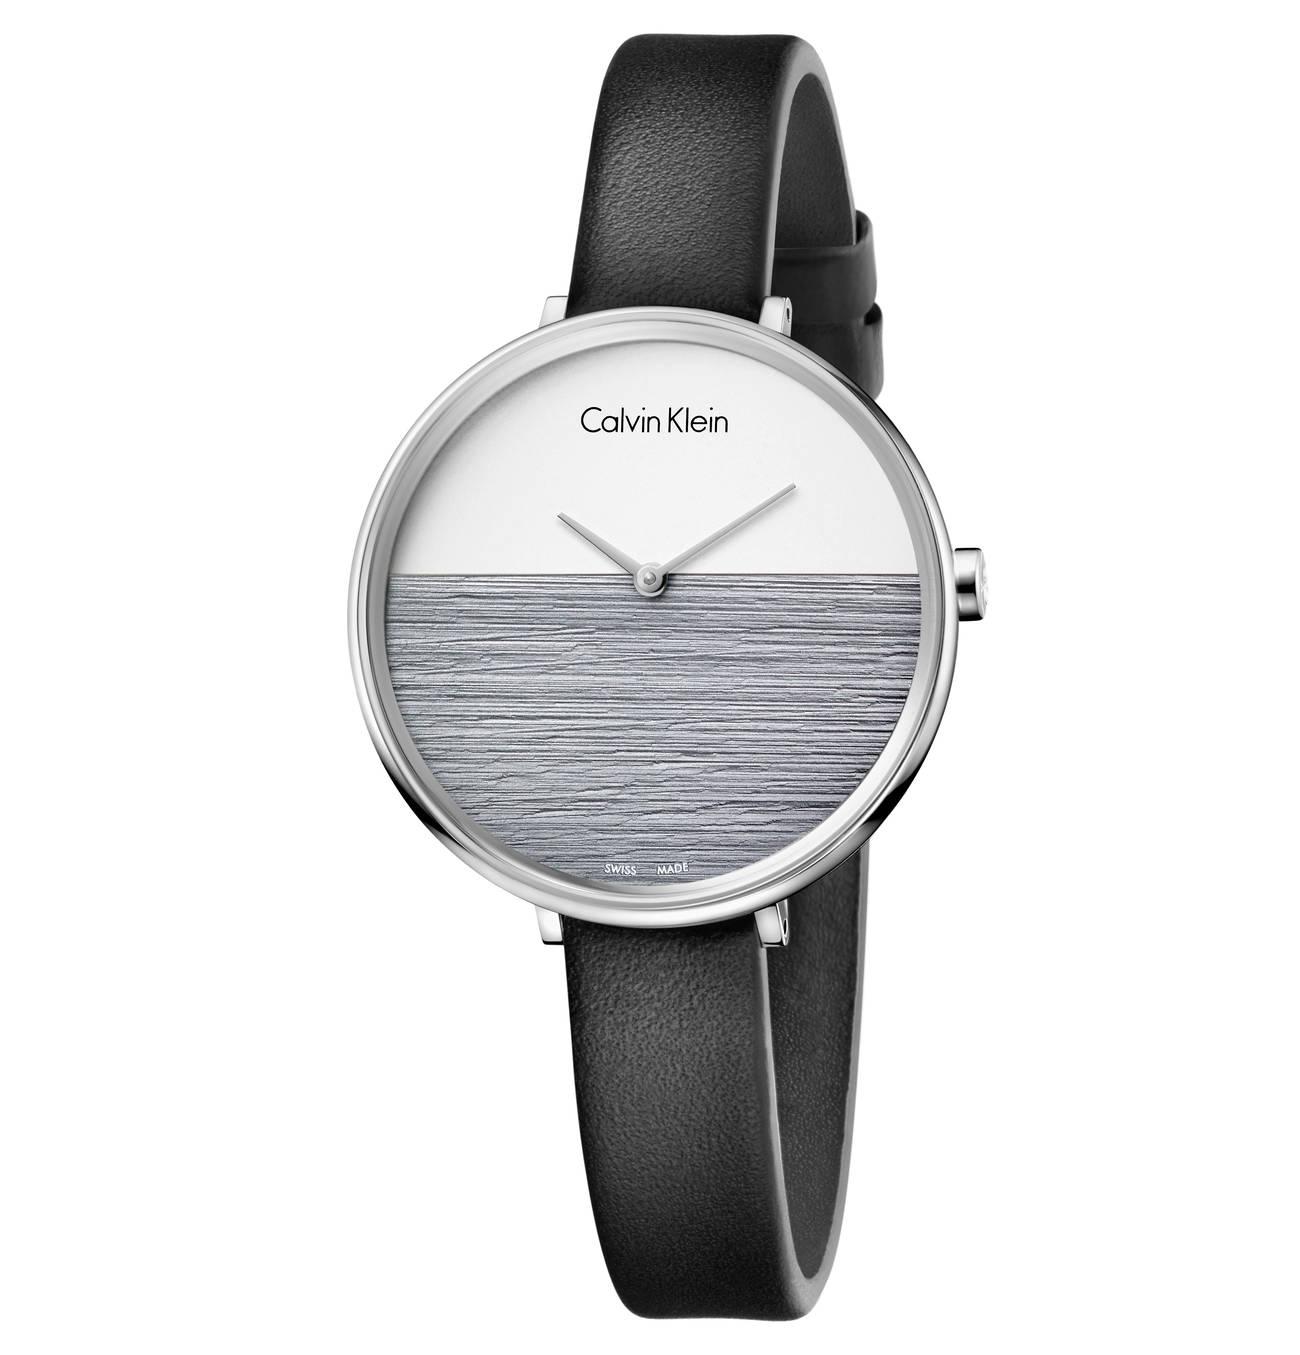 Damenuhr Rise K7a231c3 Calvin Klein Uhr Damenuhren